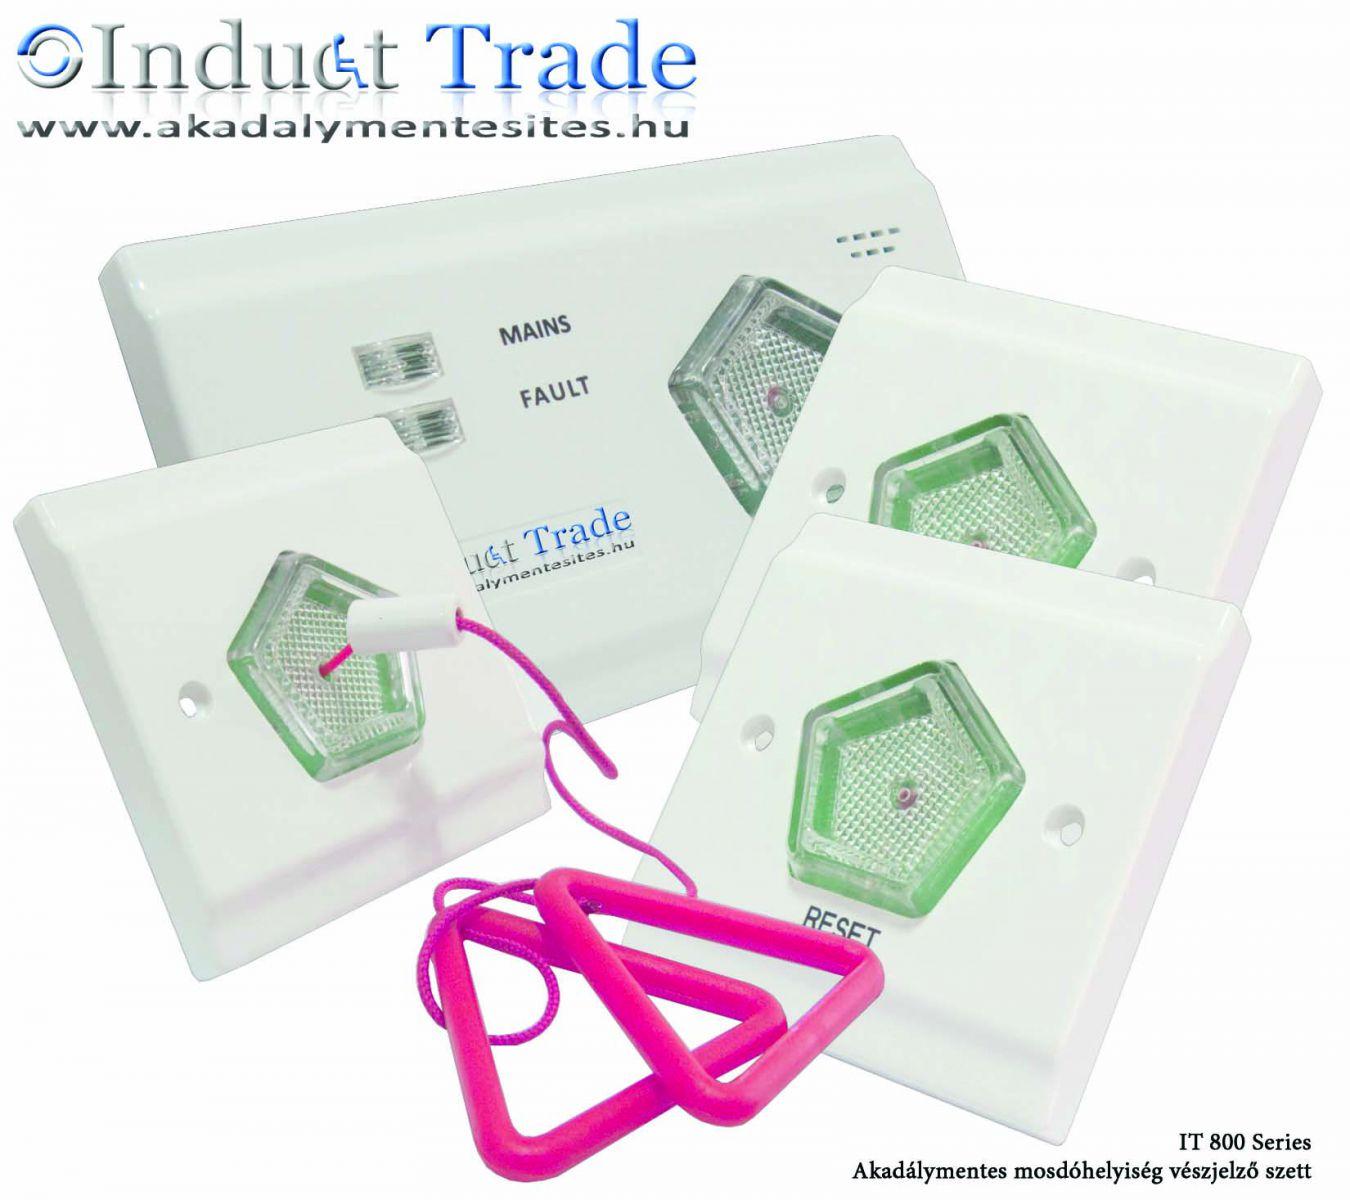 IT800Series - Mozgáskorlátozott WC vészjelző